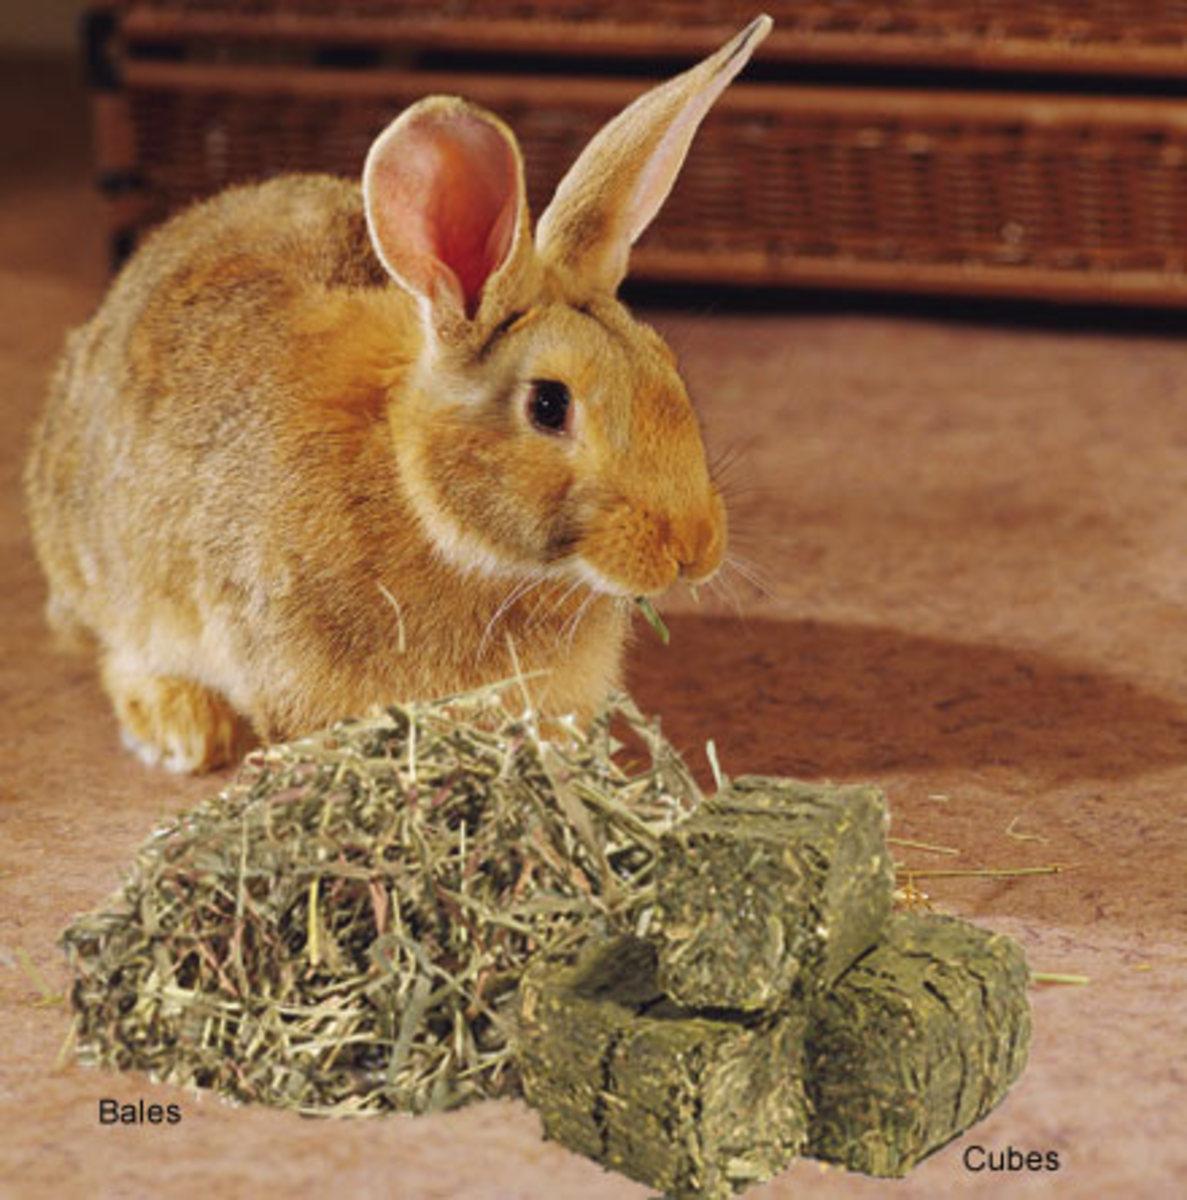 Rabbits LOVE Timothy Hay!